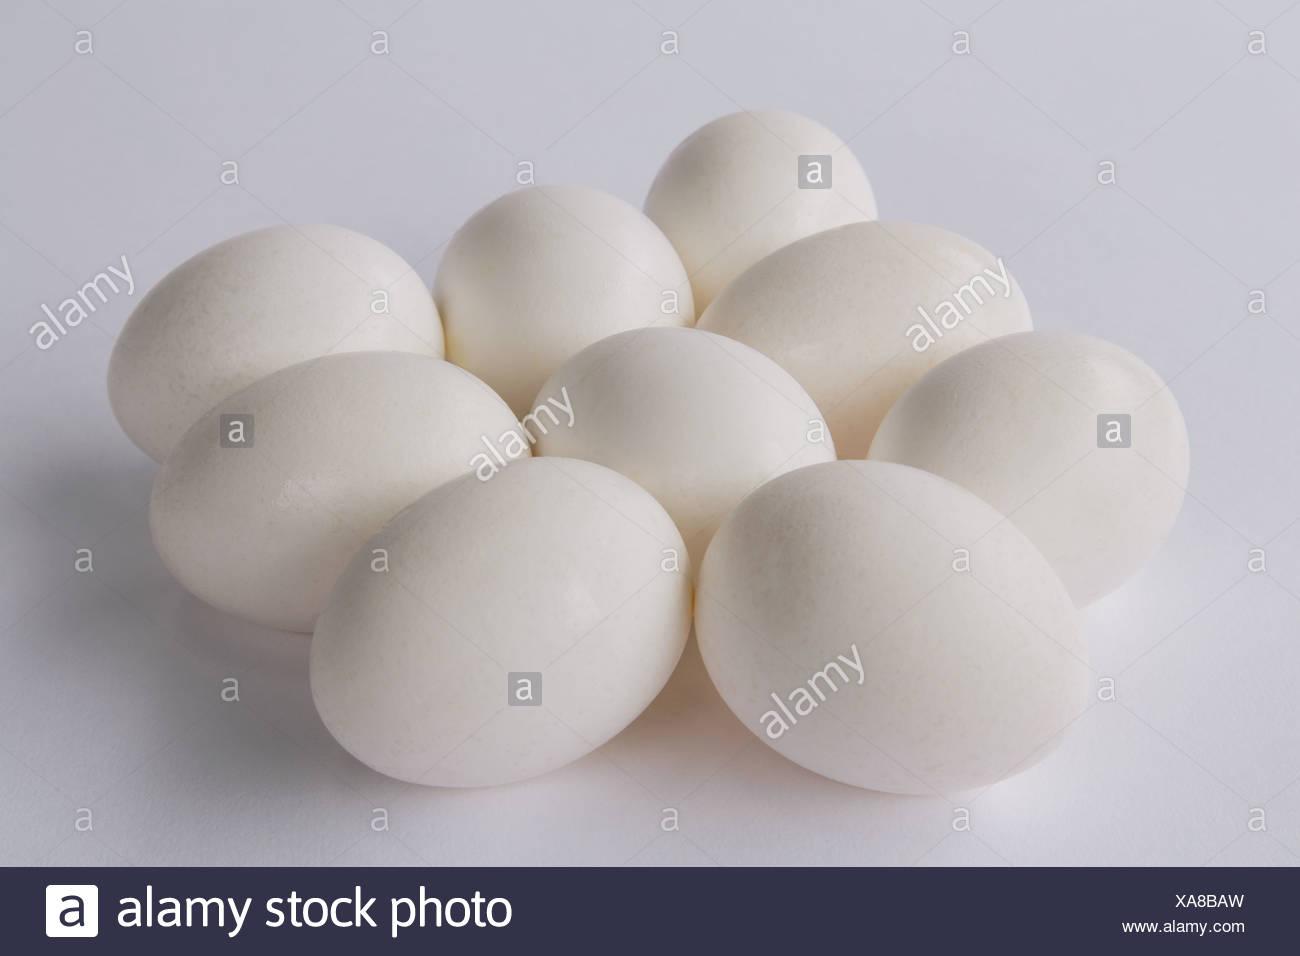 nine free range organic egg with white shells - Stock Image